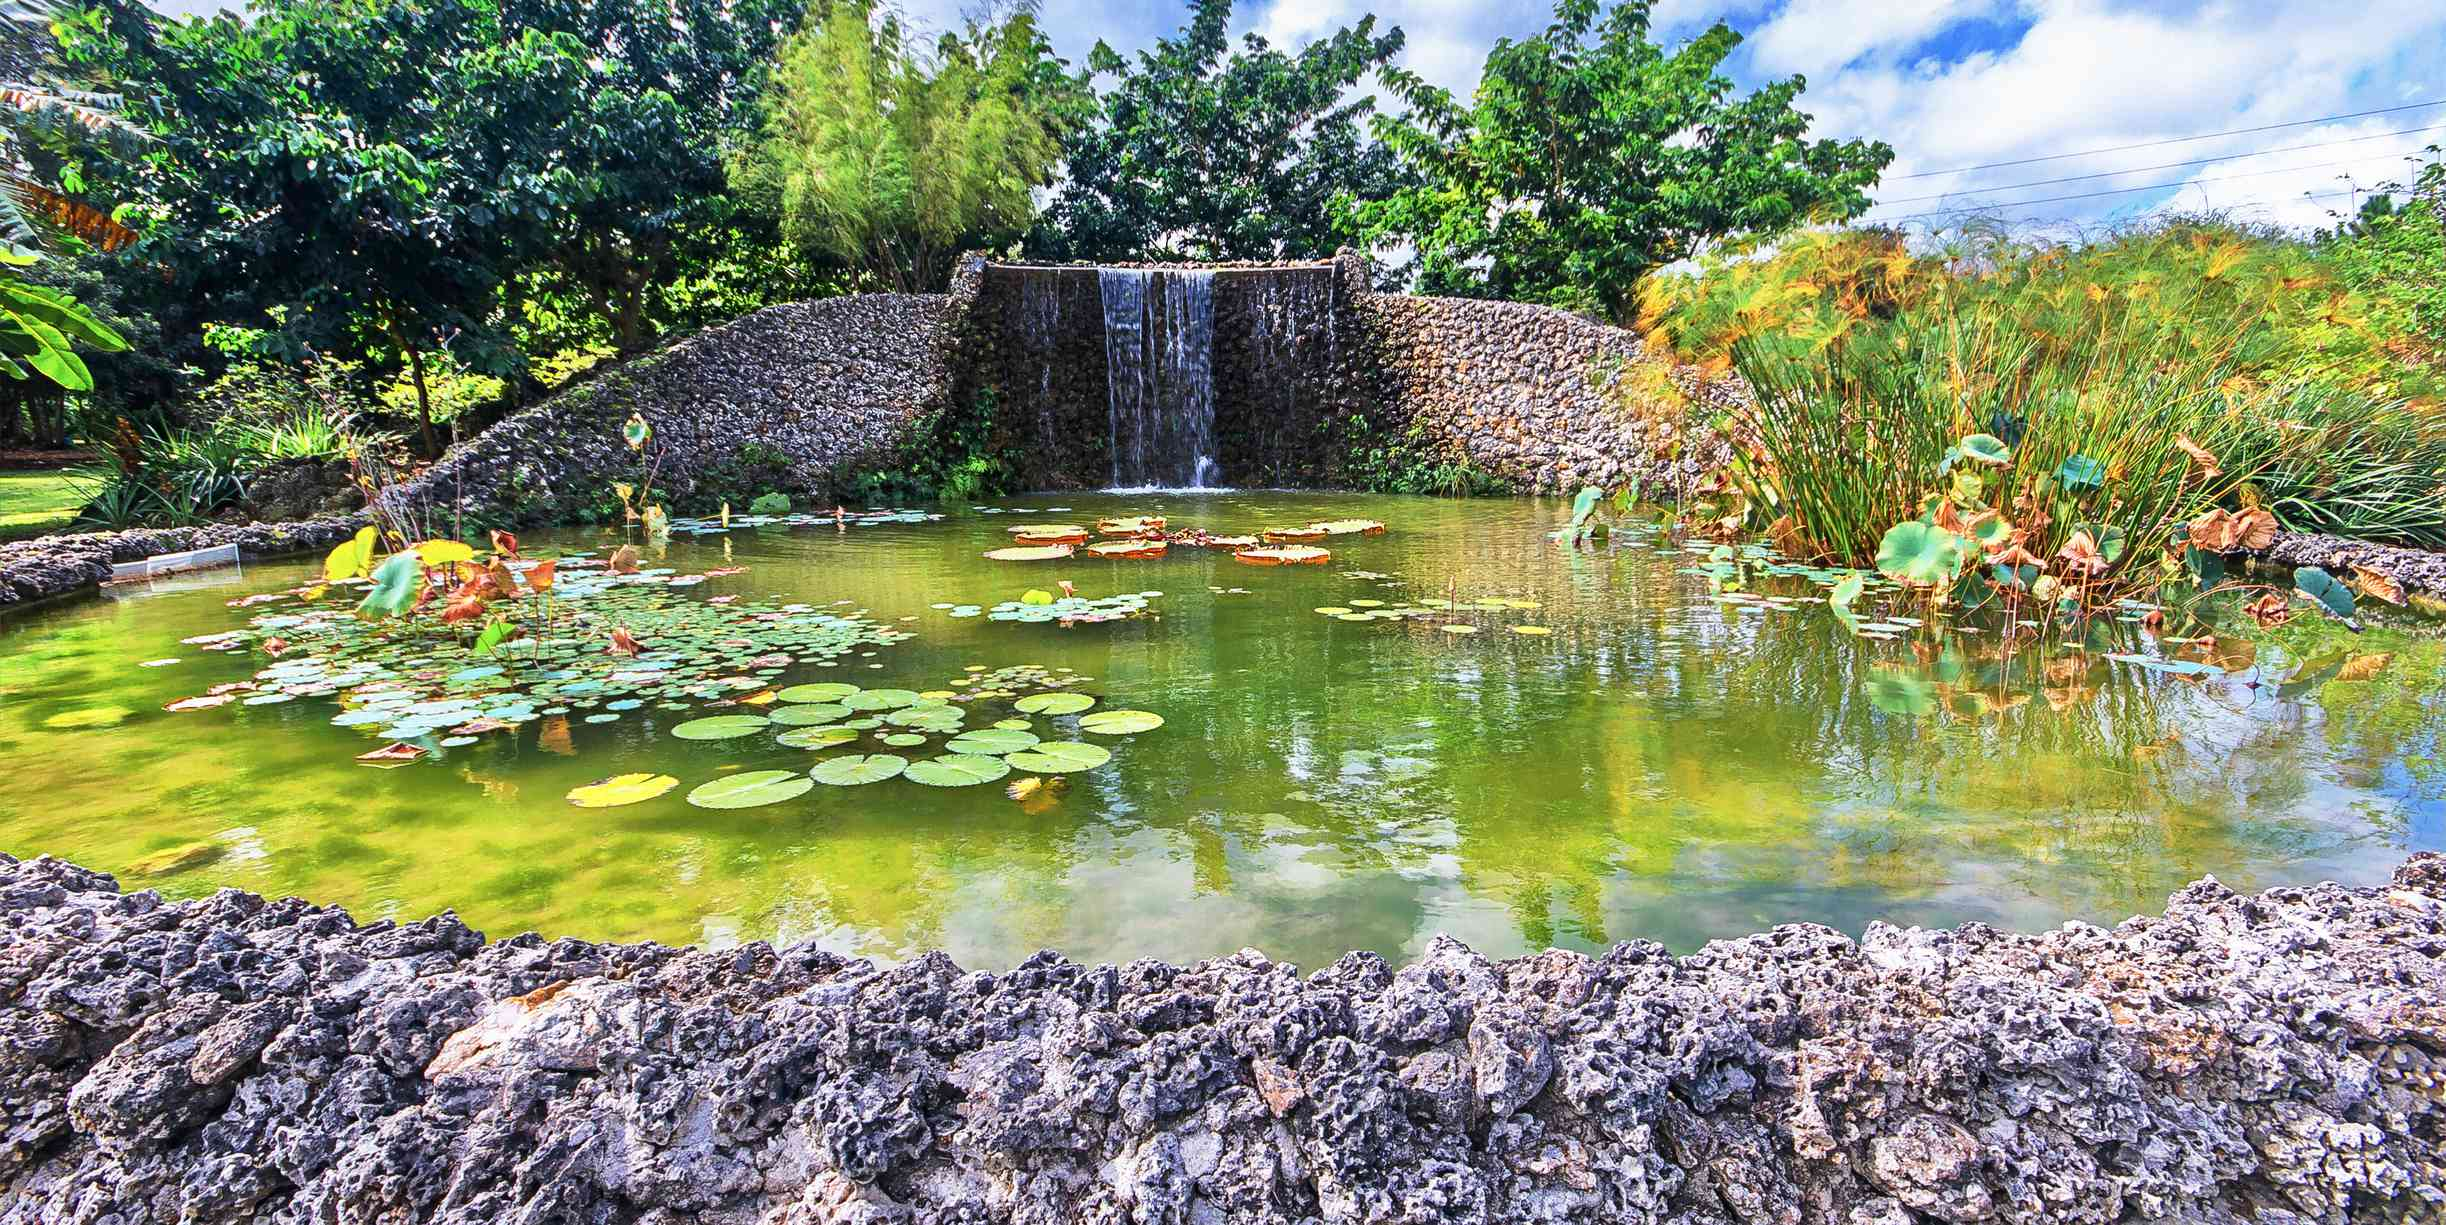 Cascada en el Parque de Frutas y Especias, Homestead